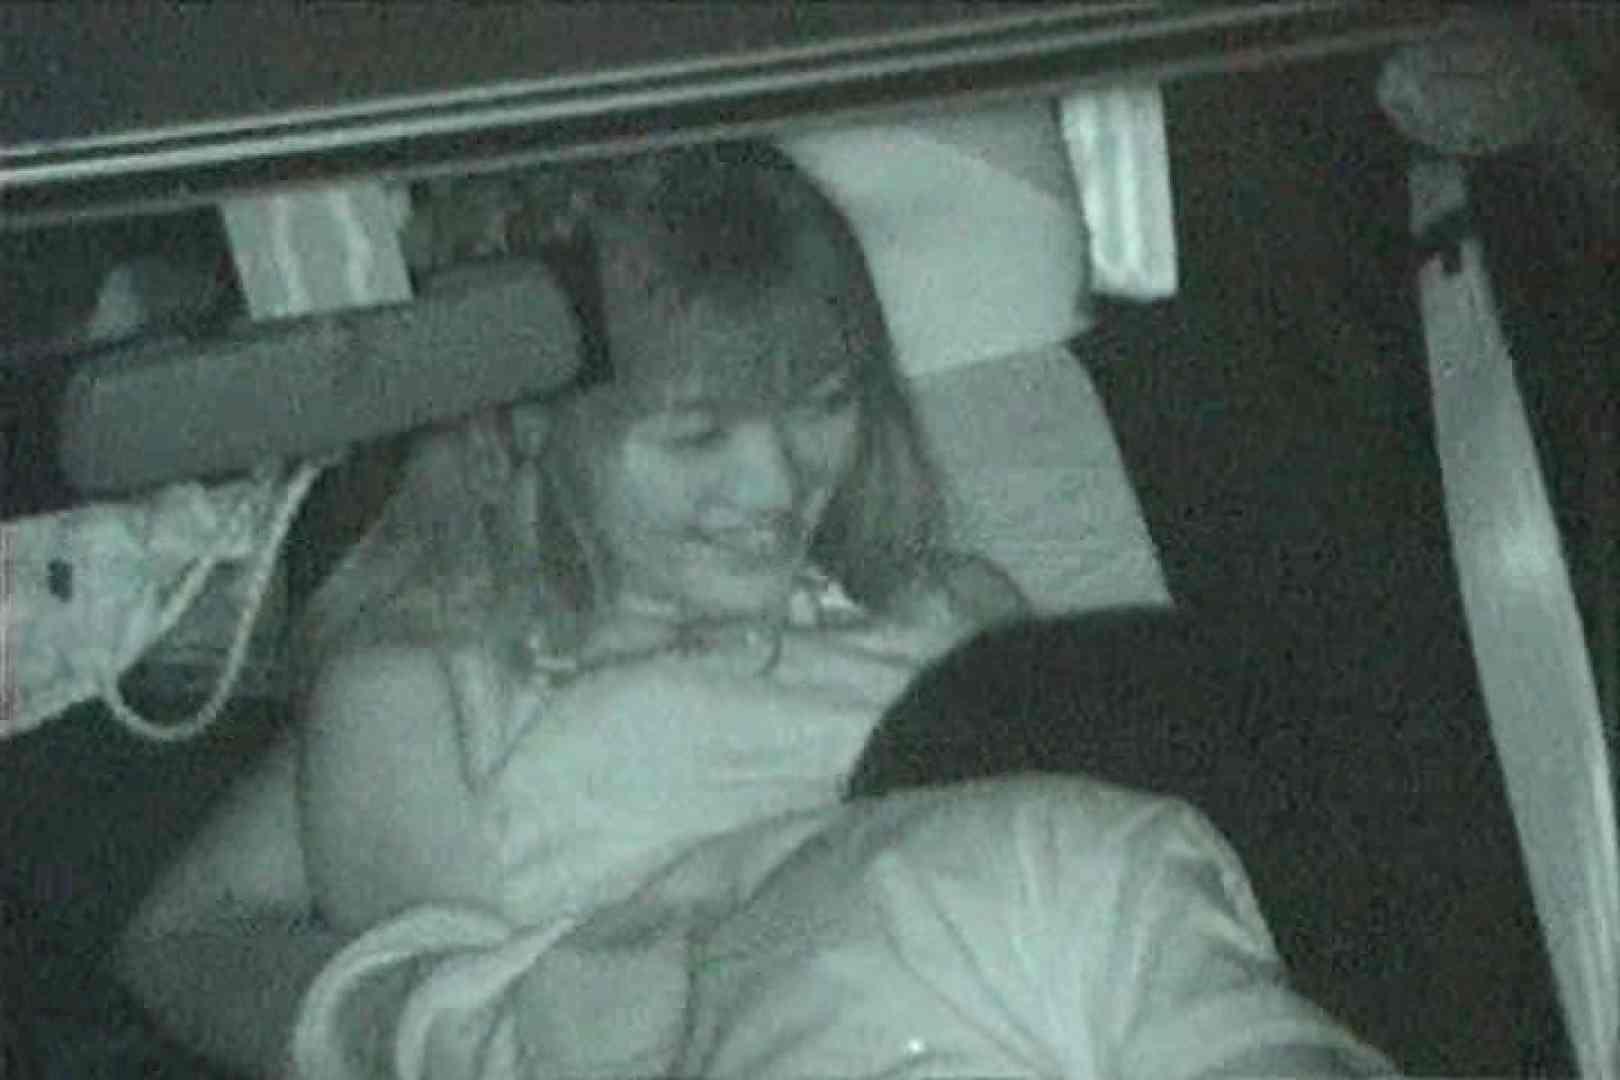 車の中はラブホテル 無修正版  Vol.24 ラブホテル 盗撮オメコ無修正動画無料 56pic 6